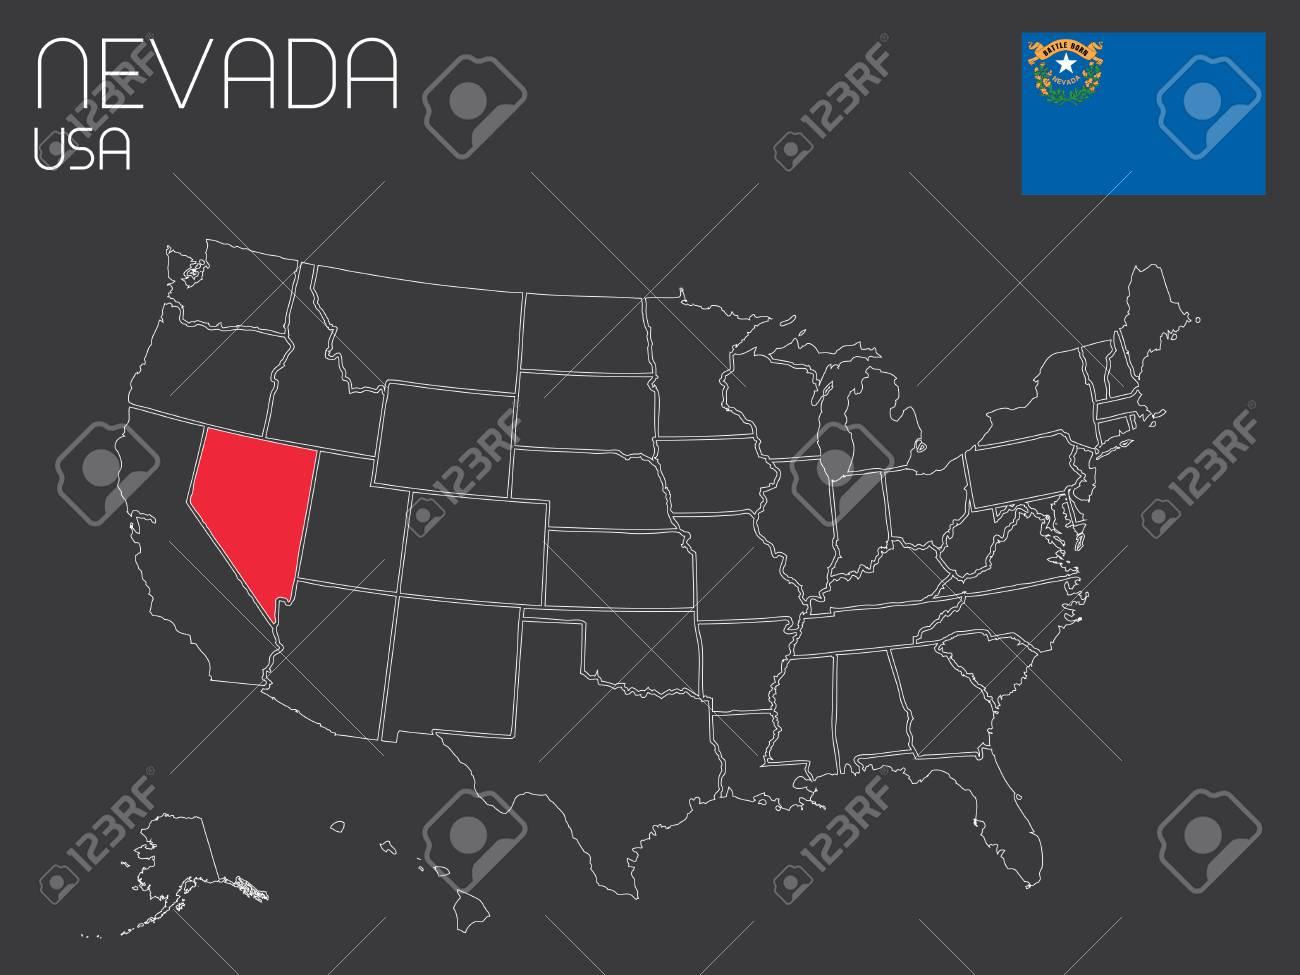 Un Mapa De La De Los Estados Unidos De America Con El Estado Seleccionado 1 Nevada Fotos Retratos Imagenes Y Fotografia De Archivo Libres De Derecho Image 33930497